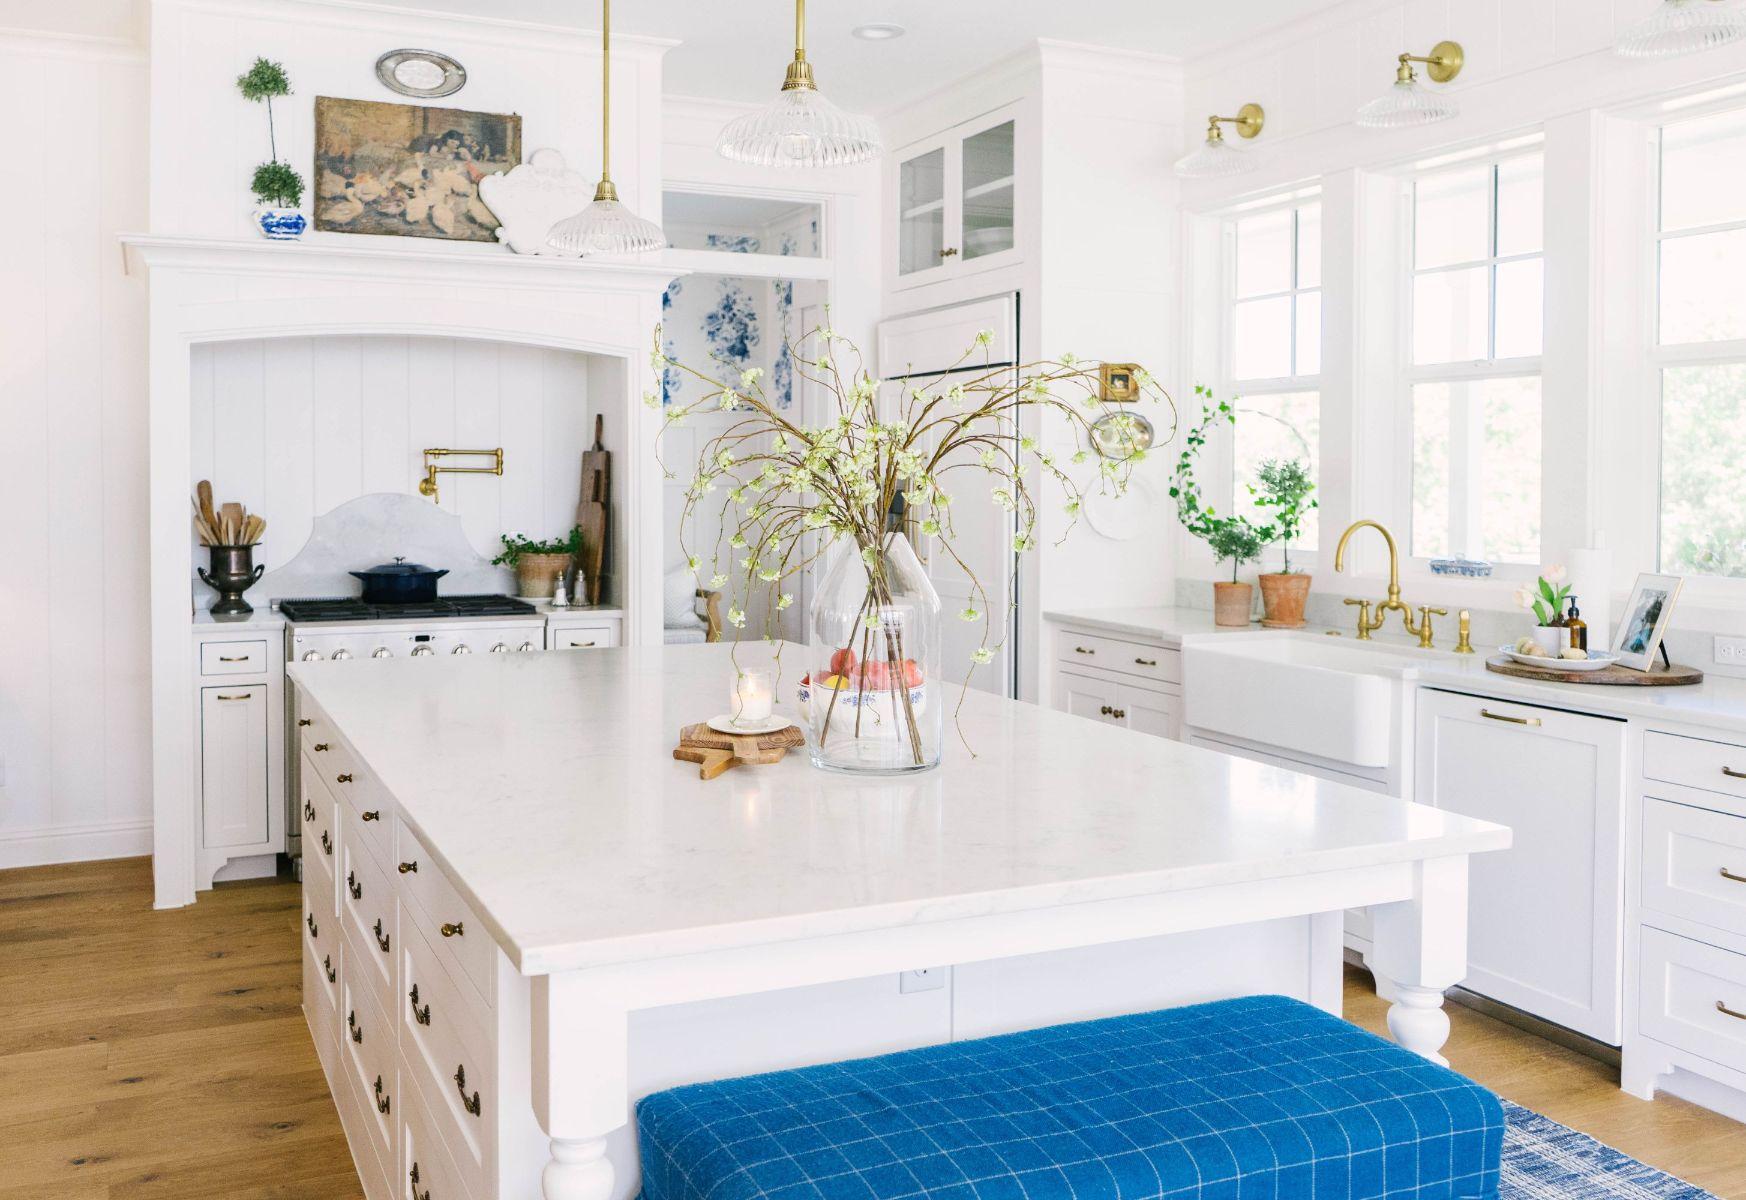 Farmhouse White and Gold Kitchen